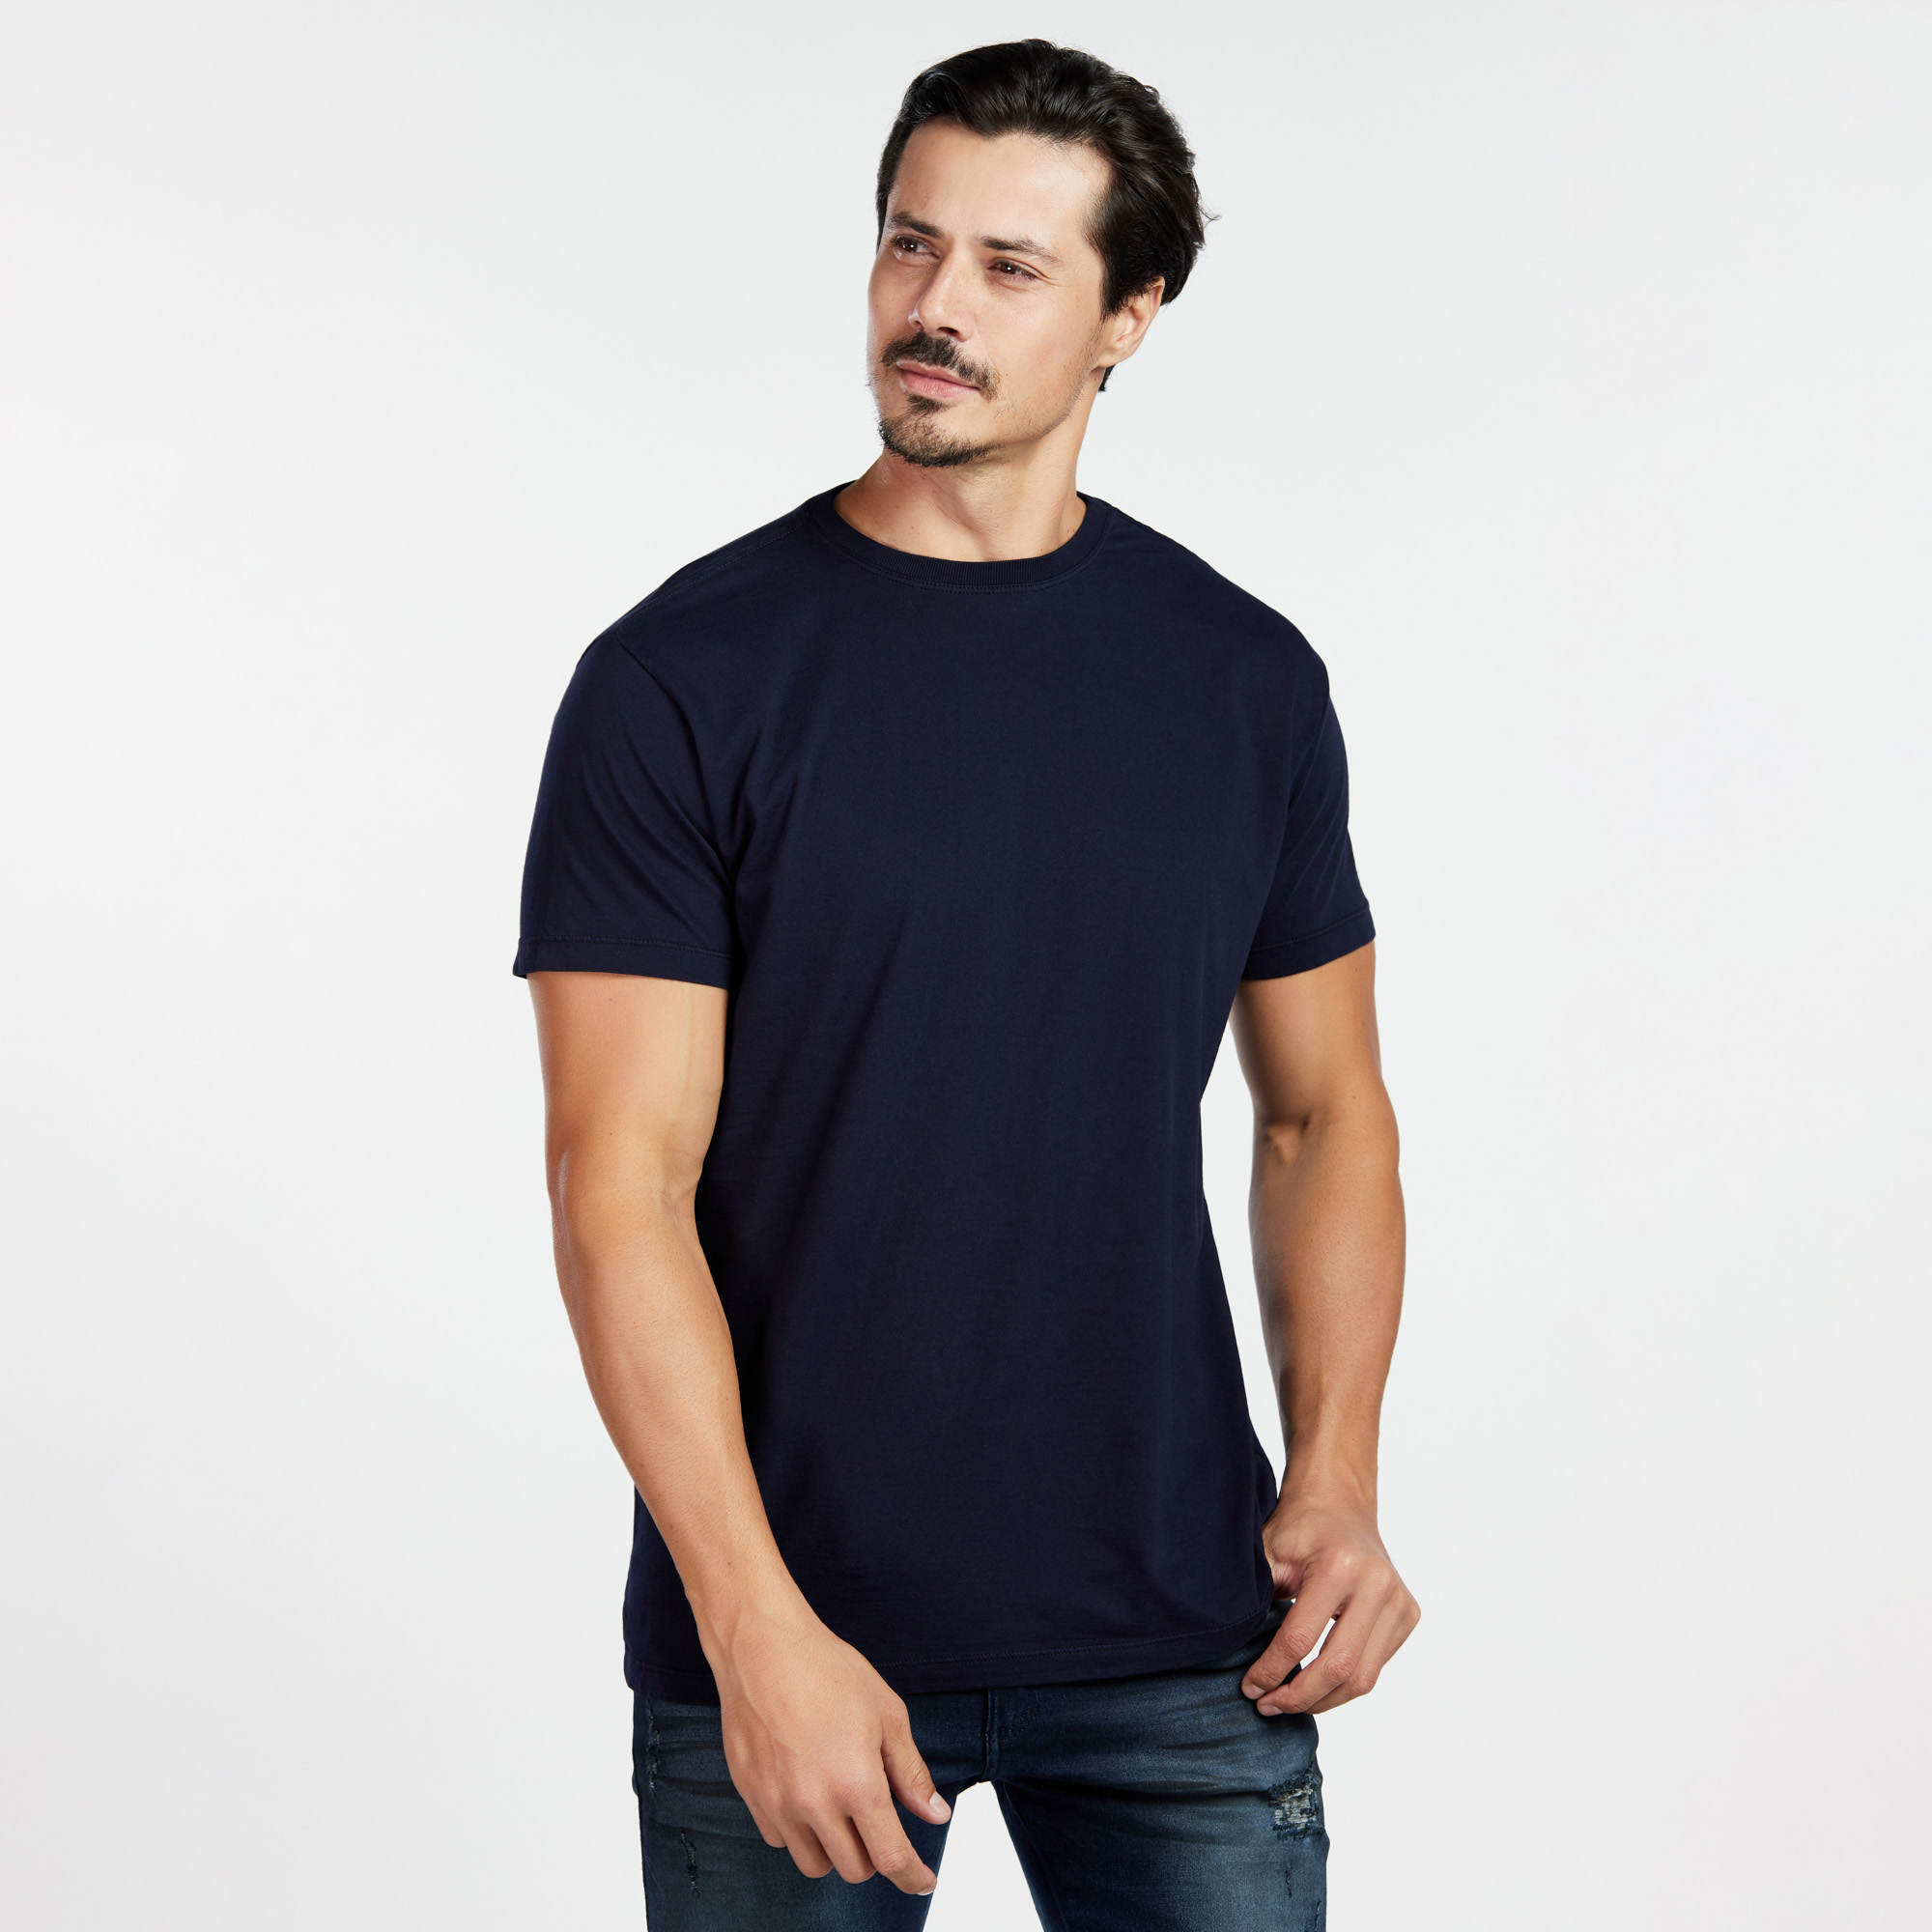 Camiseta Masculina Reativo Azul Marinho